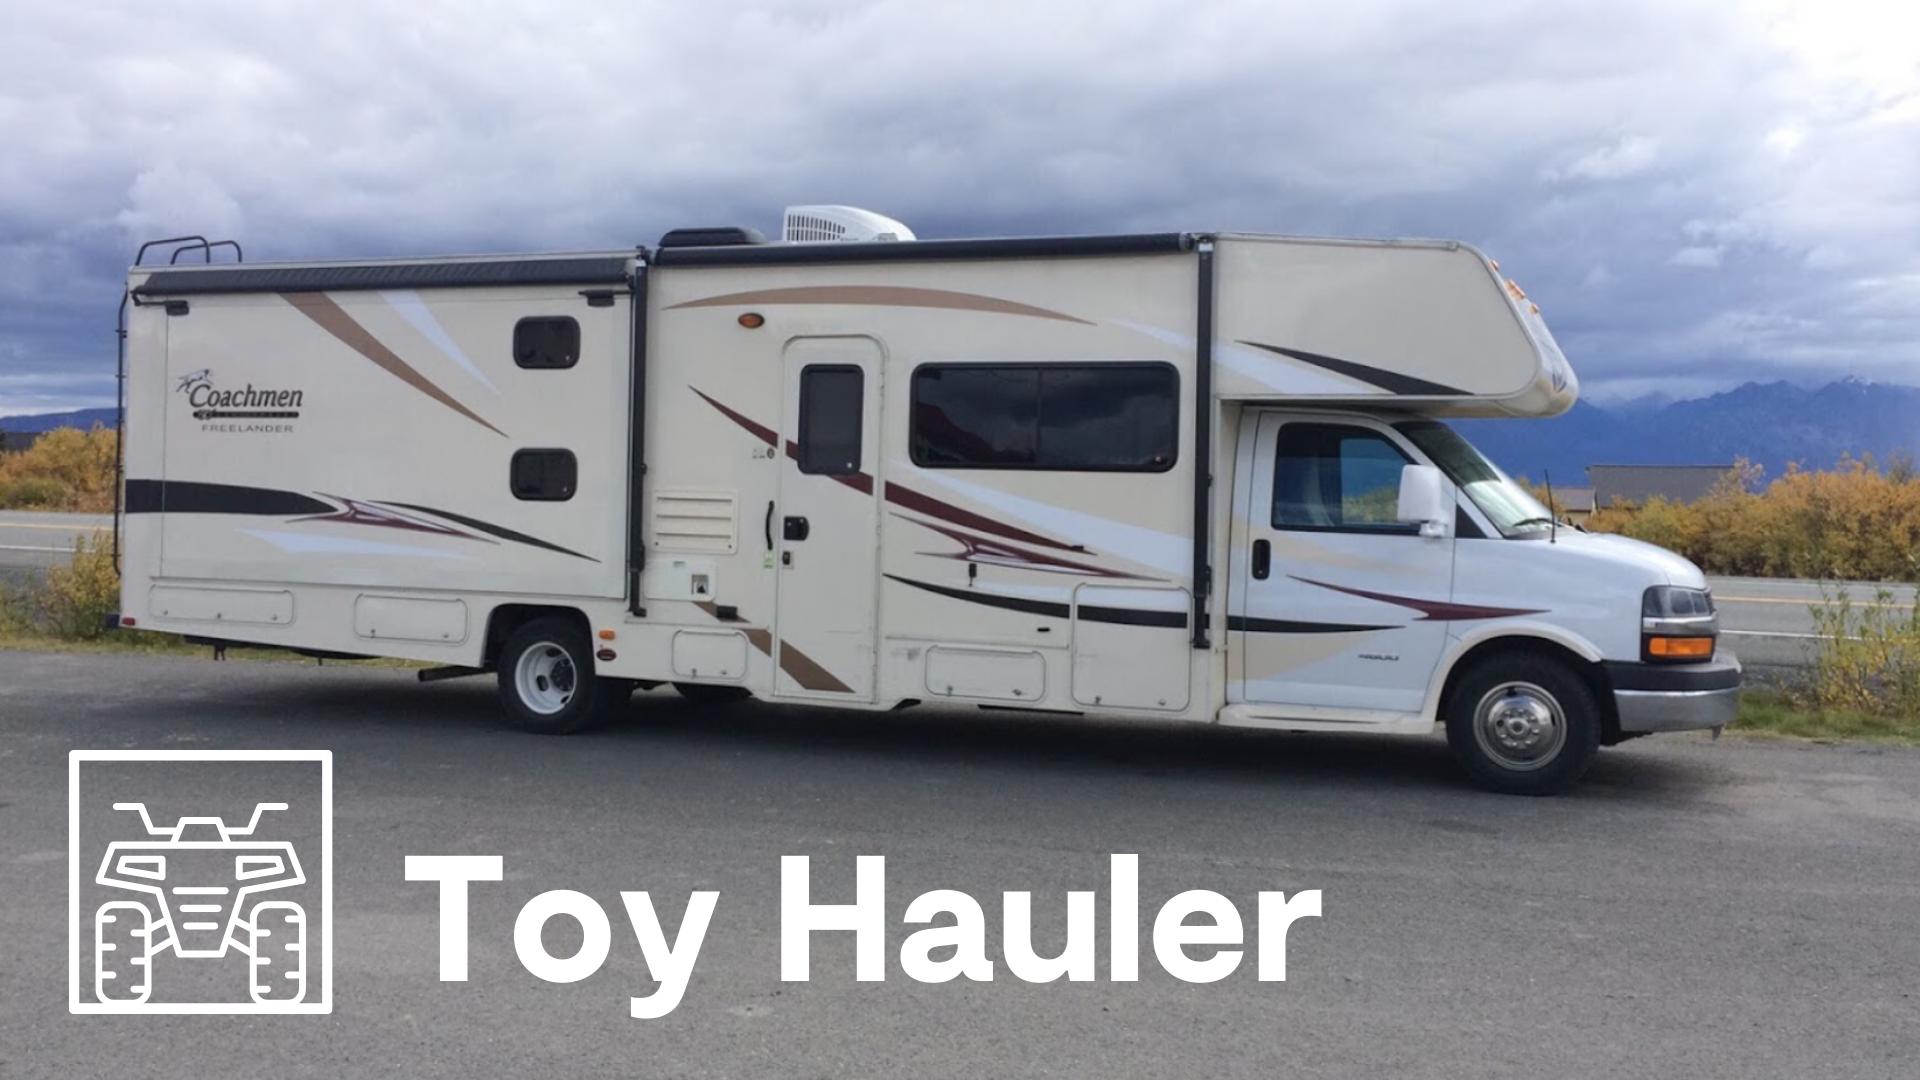 CU1-blog-toy-hauler